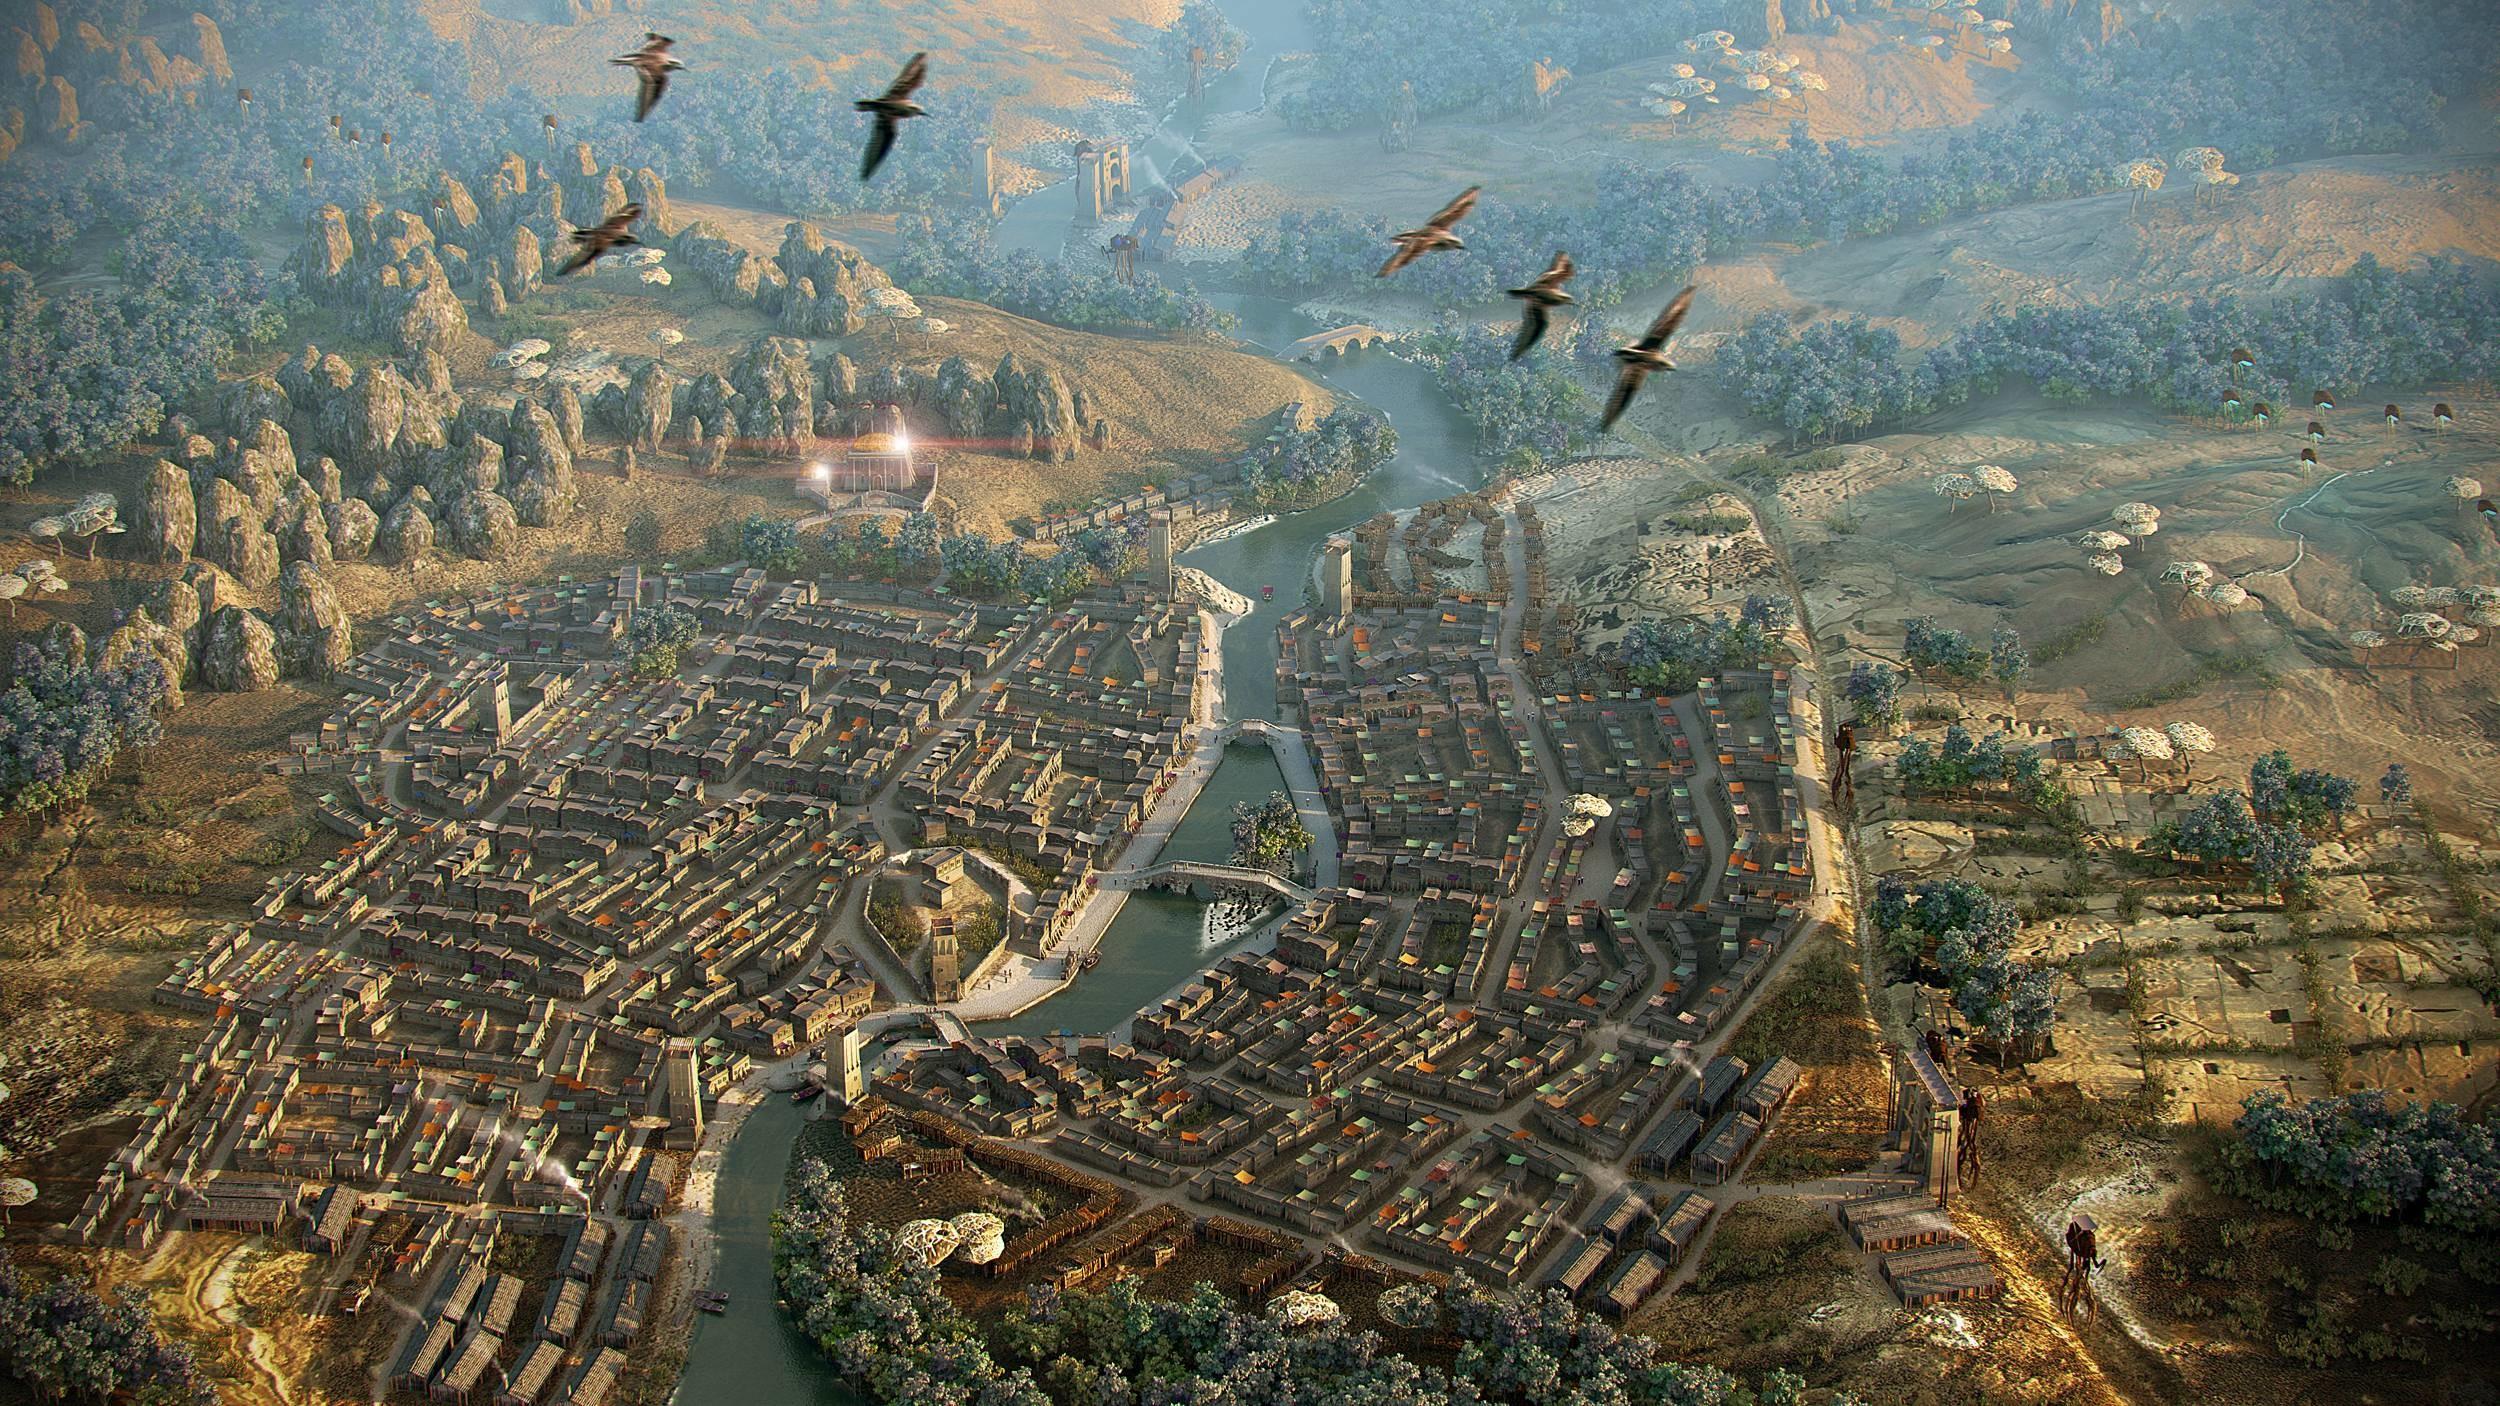 The Elder Scrolls III_ Morrowind Wallpaper 1 | Free HD Wallpaper .